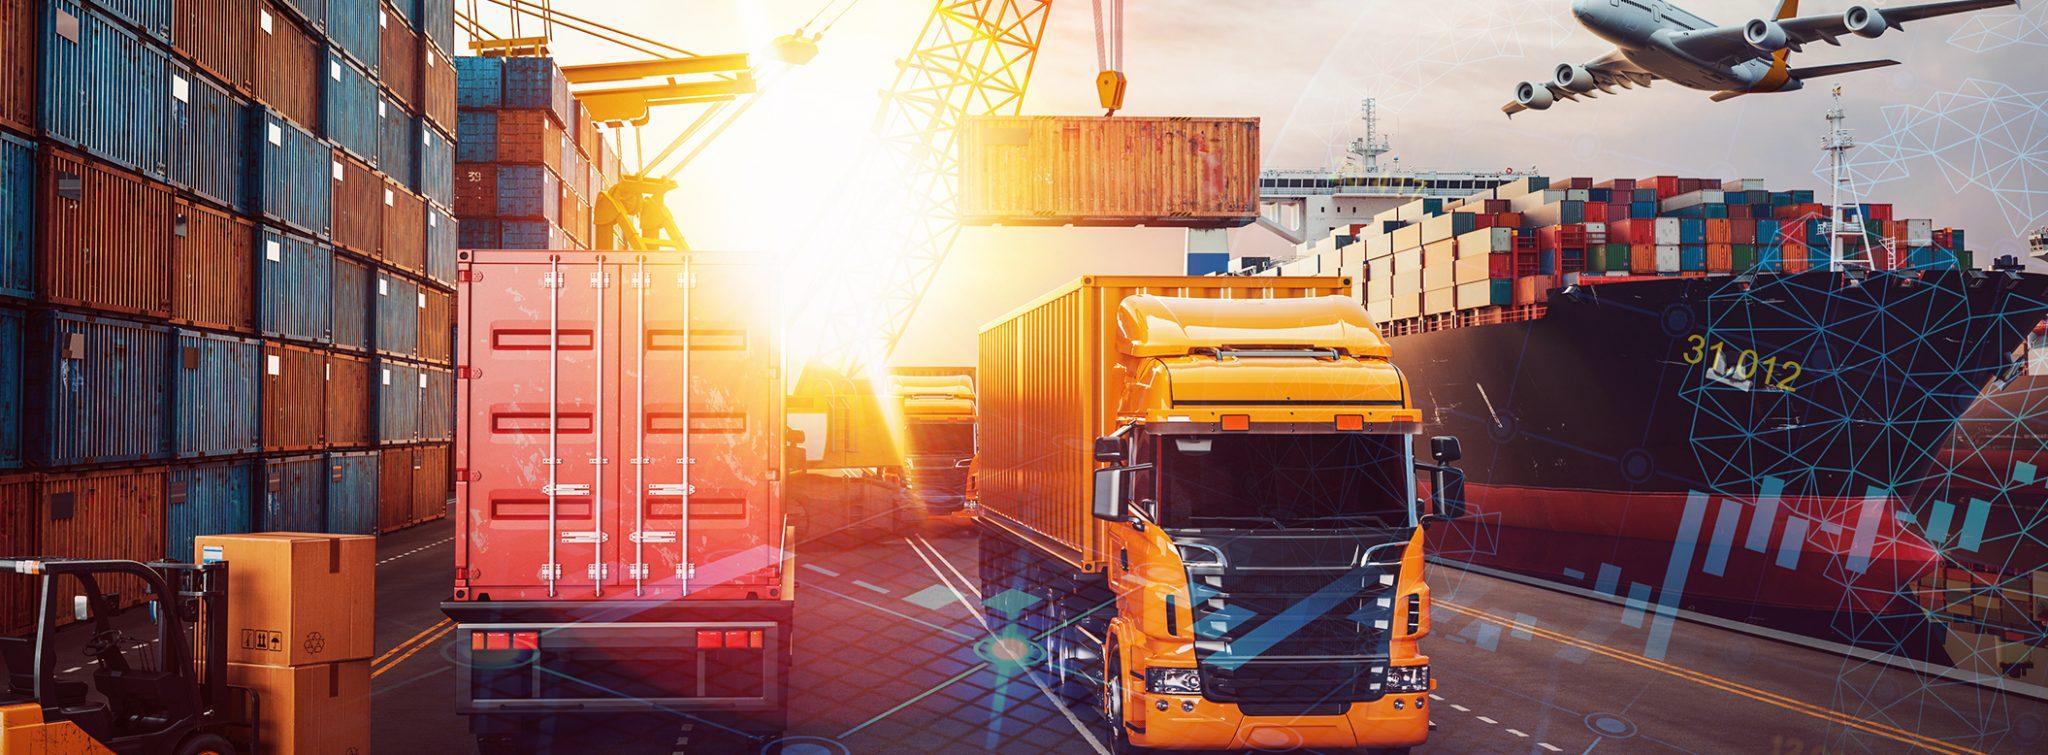 Desafios da indústria e do varejo na gestão logística